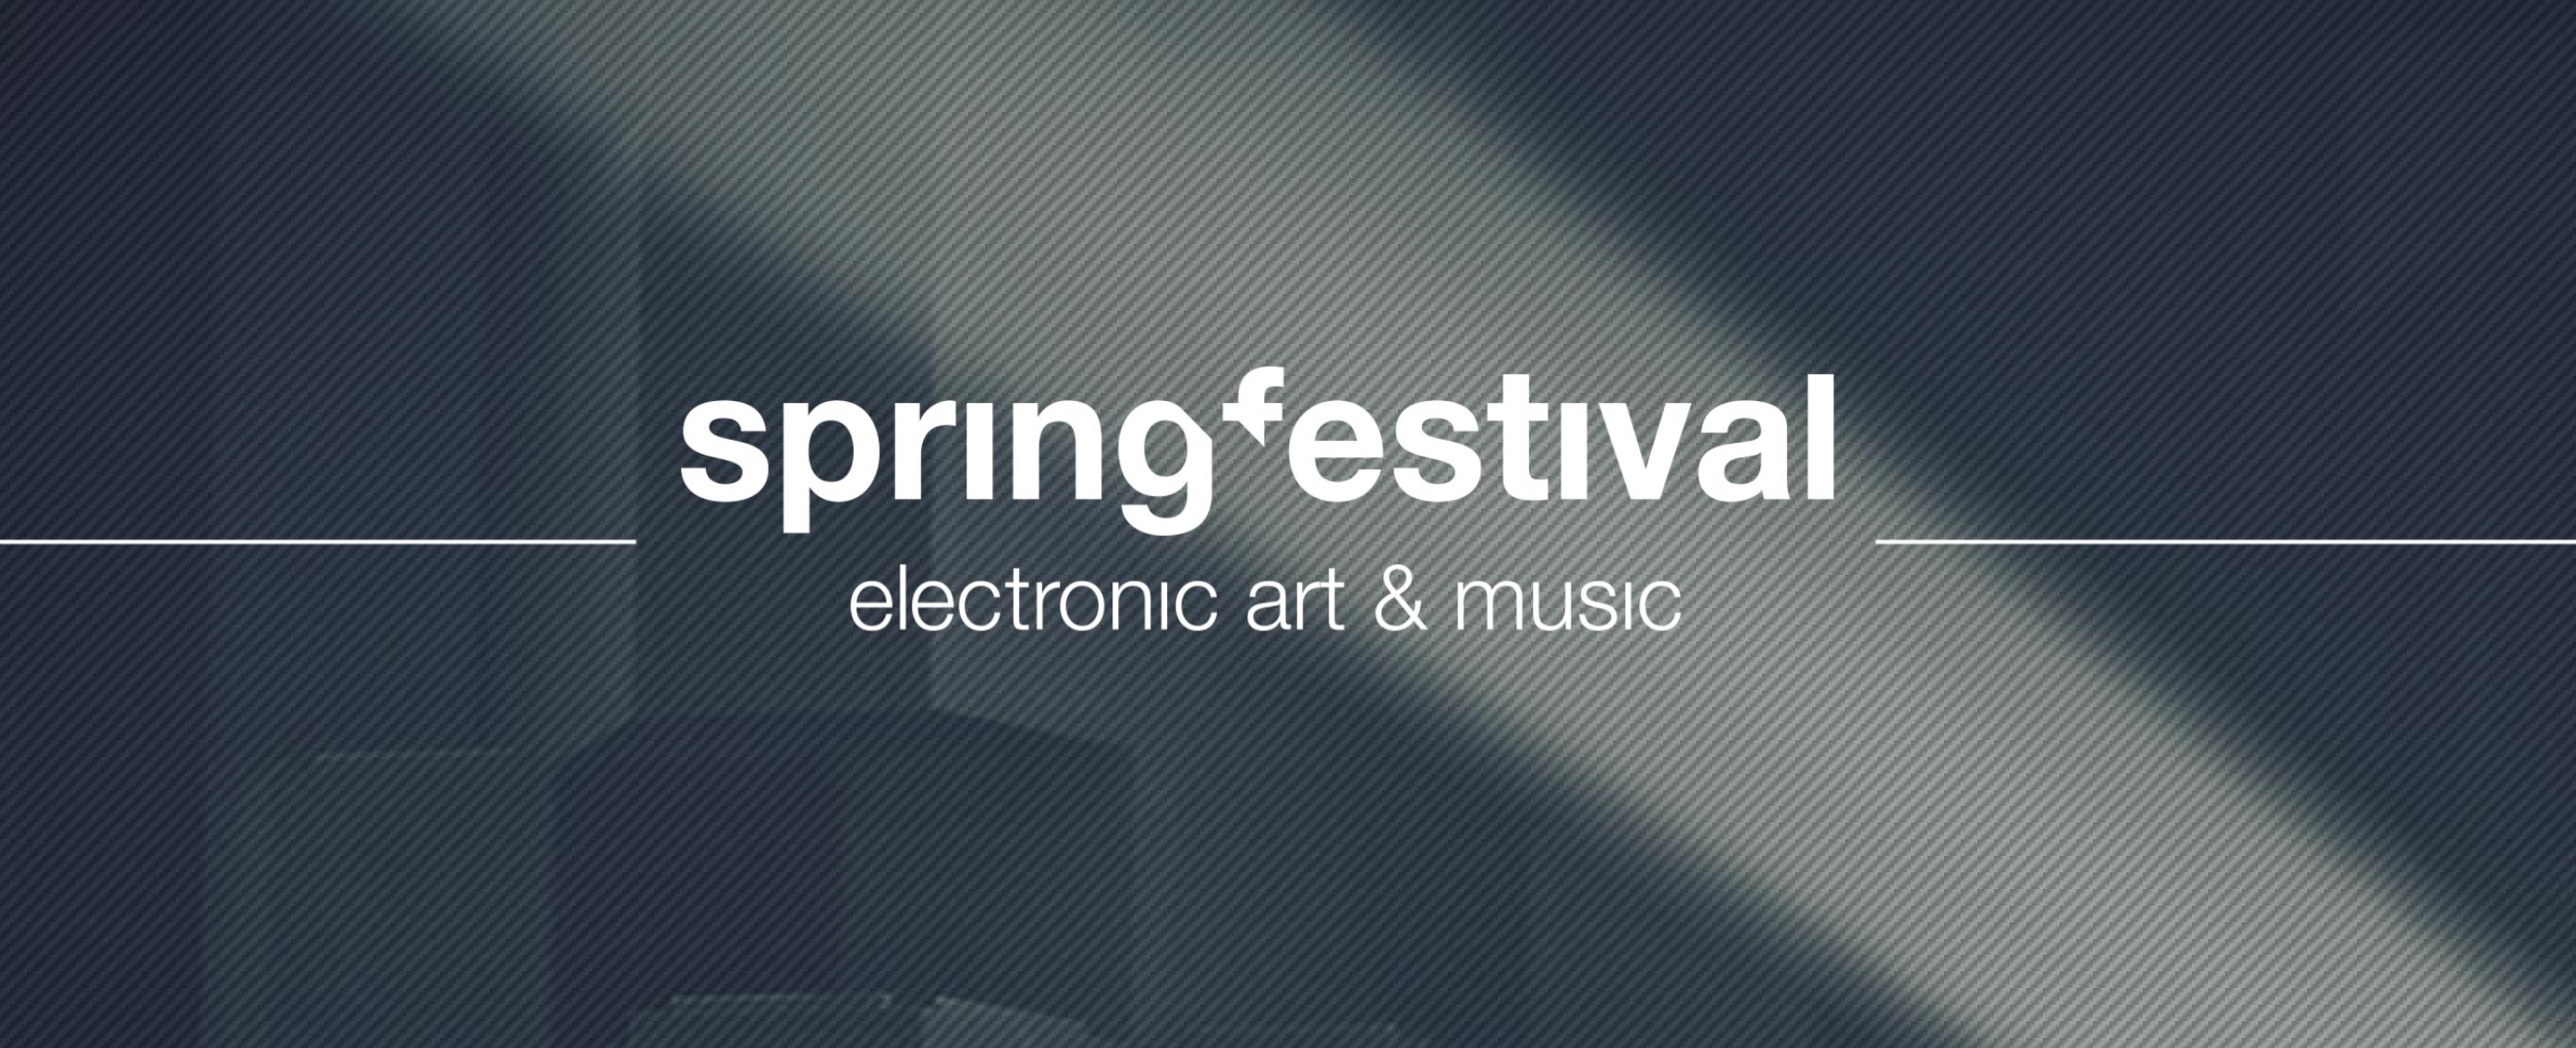 springfestival in Graz gibt erste Highlights für 2016 bekannt